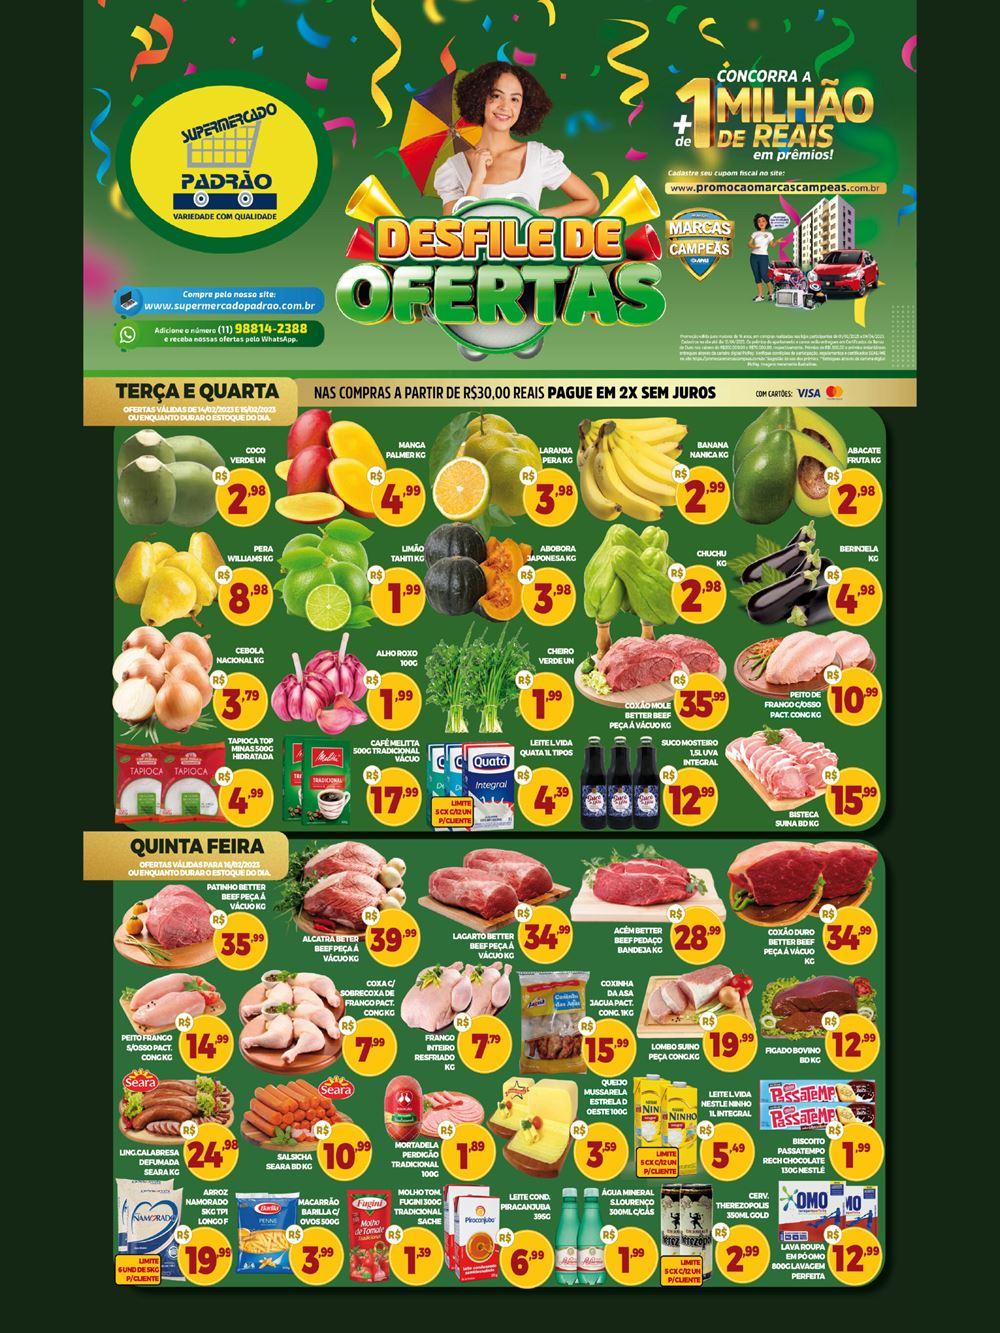 padrao-ofertas-descontos-hoje1-21 Ofertas de supermercados